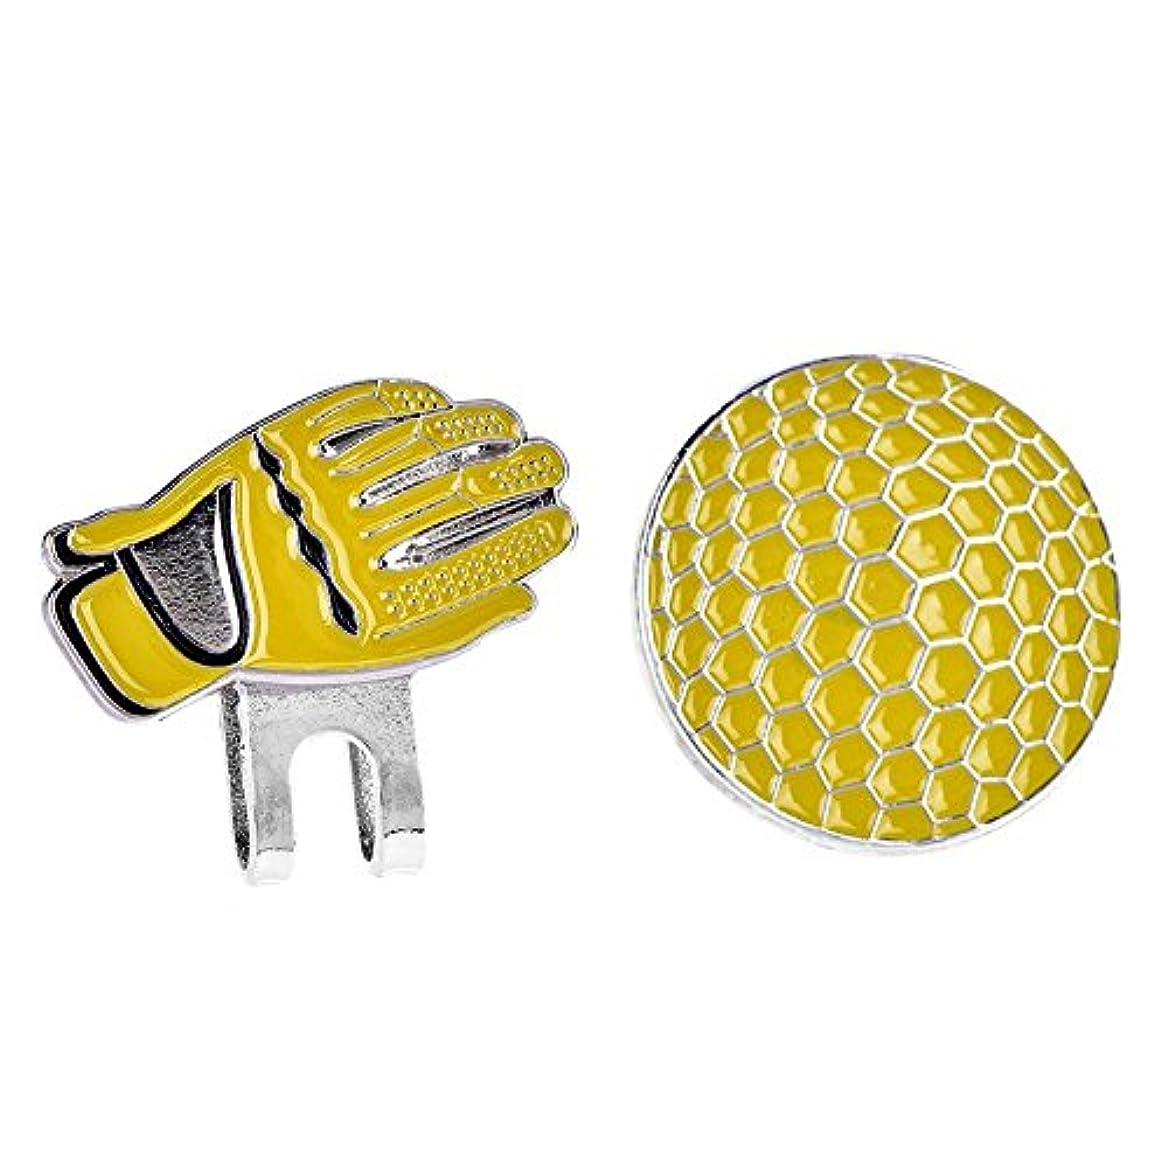 コンプライアンス組み合わせるバルコニーボールマーカー付きポータブルミニステンレススチールグローブ磁気ゴルフハットクリップ ボールマーカー 2色選べる